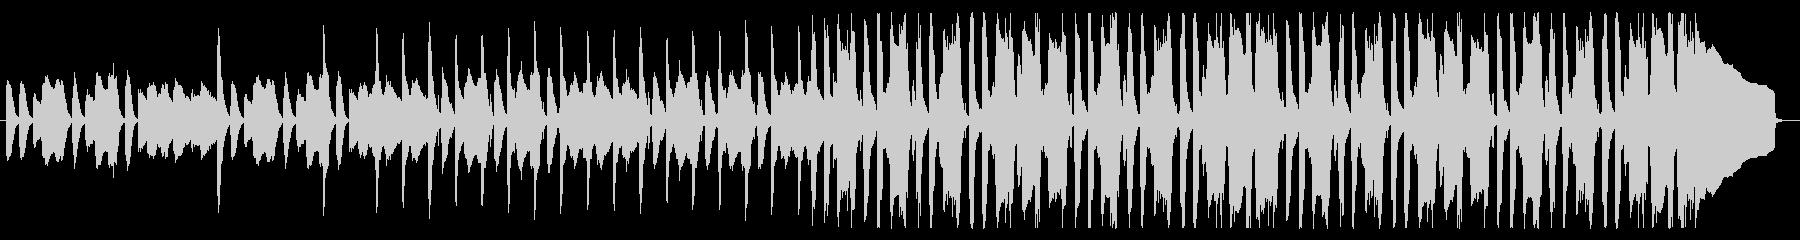 ピアノと木琴の日常BGMの未再生の波形